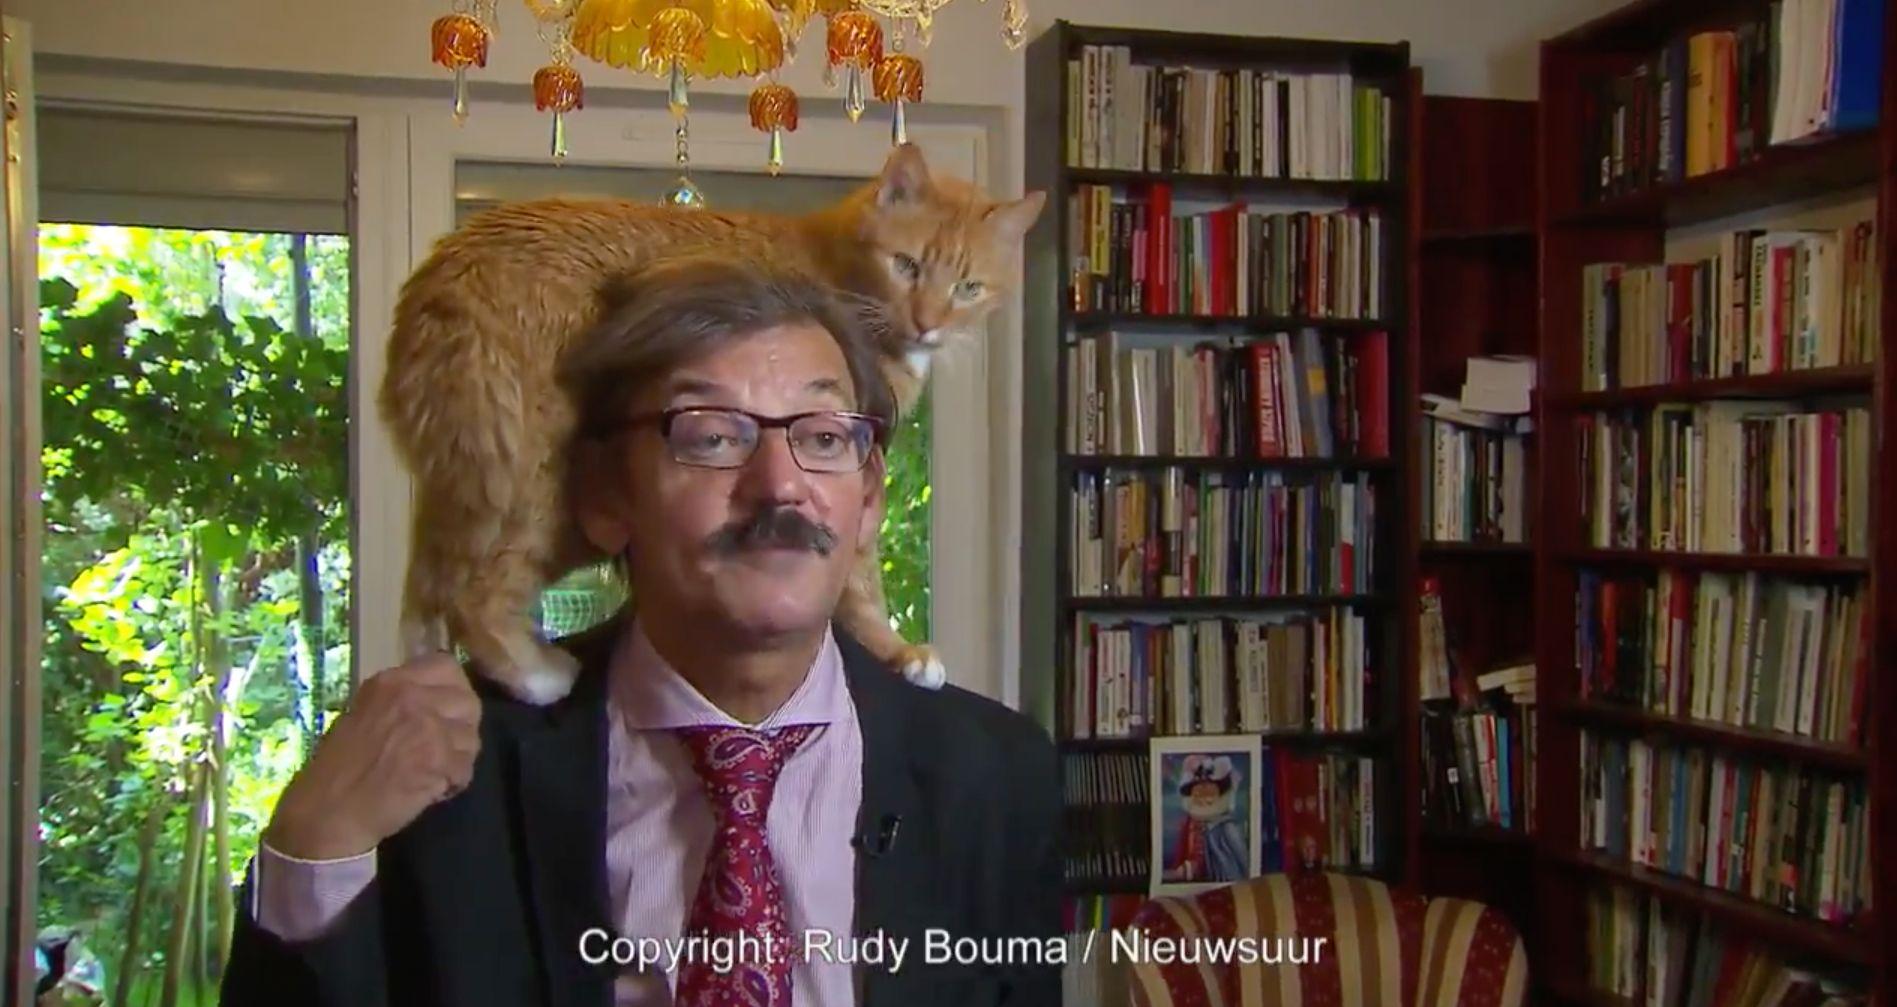 사법권 장악문제에 대한 학자의 인터뷰에 고양이가